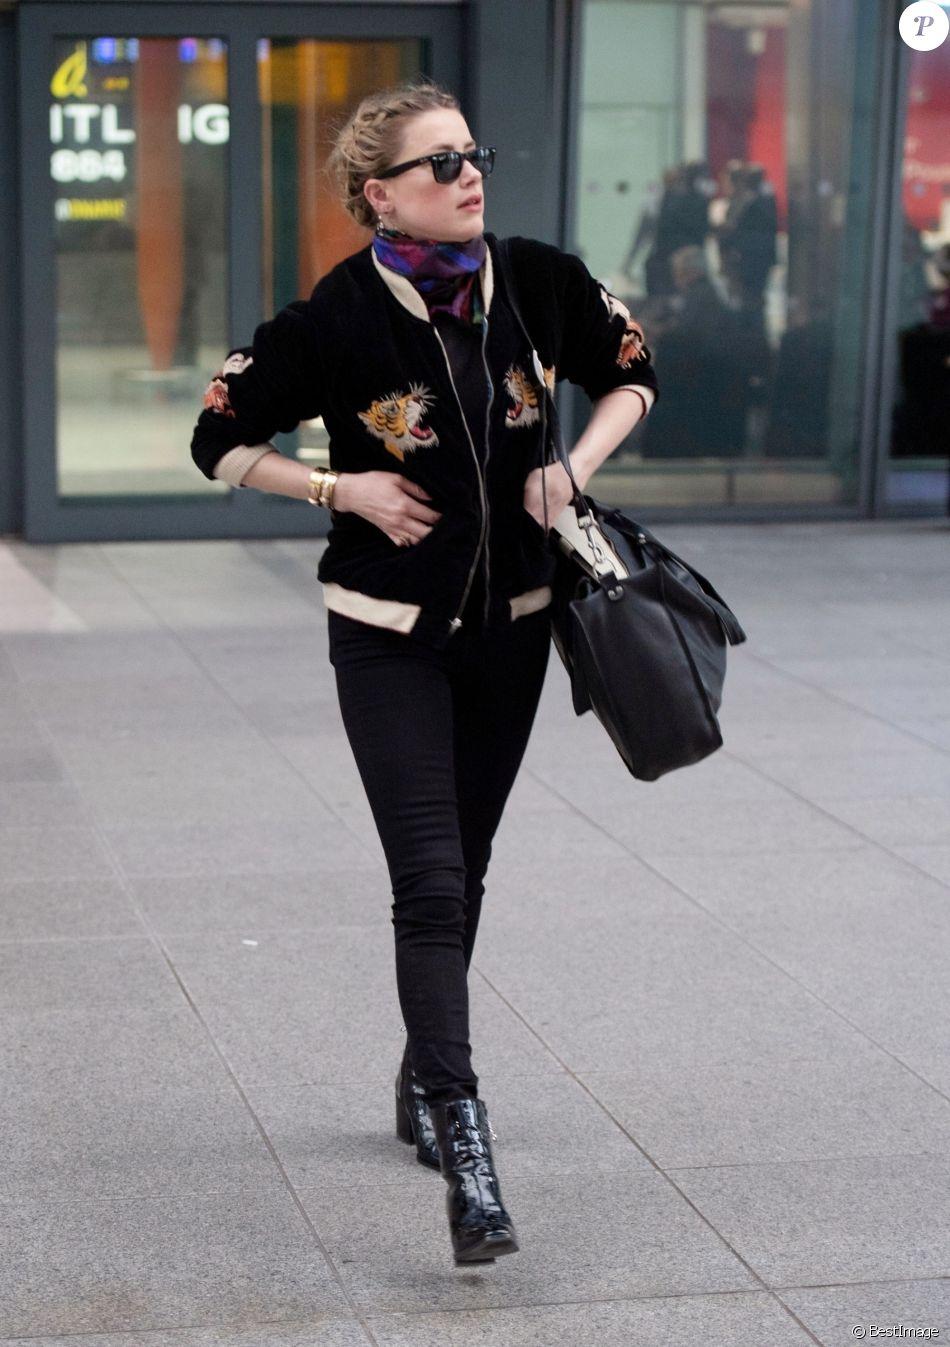 Exclusif - Amber Heard a l'air décontractée alors qu'elle arrive à Londres. Elle porte un bomber en velour noir brodé de tigres. La star d'Aquaman a récemment fait du bénévolat au Liban et en Syrie! Londres le 1er Mars 2019